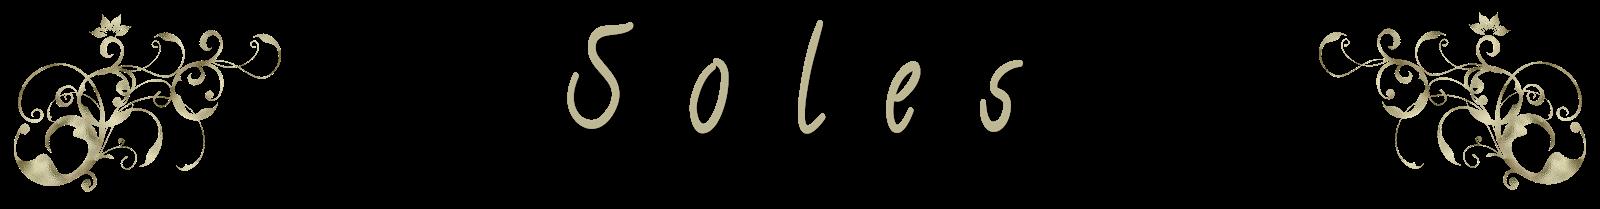 http://wikiferia.blogspot.com.es/2015/08/soles.html